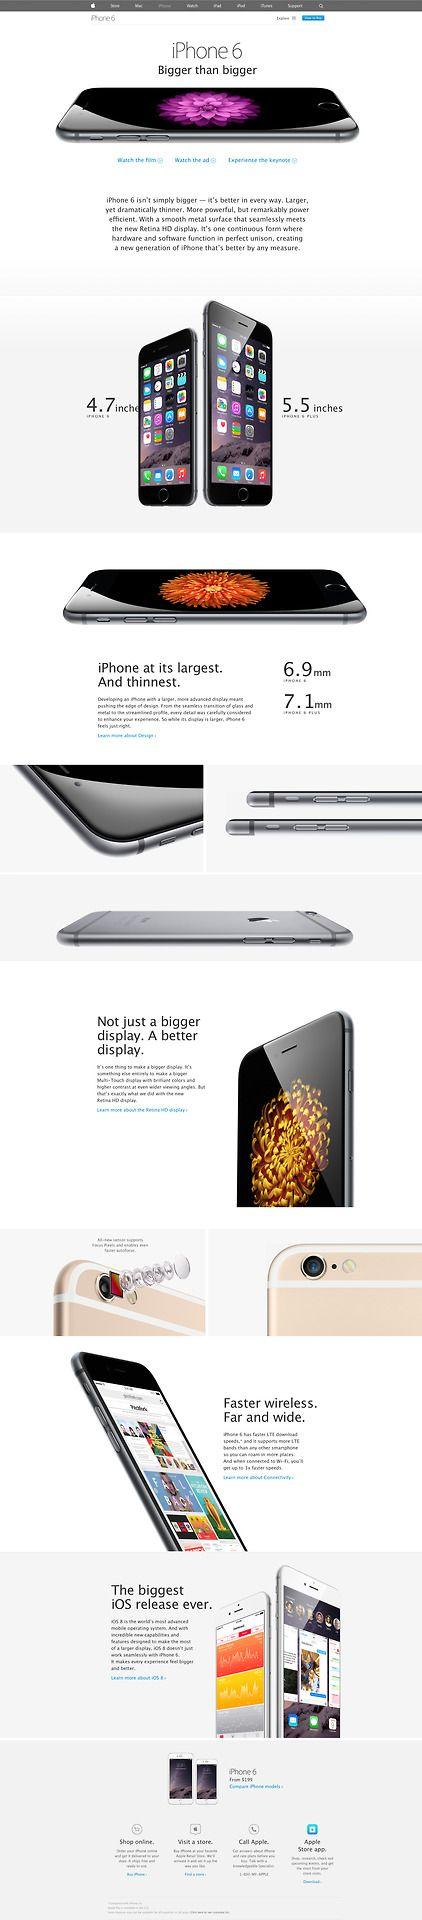 Web Design Apple Iphone6 Unique Web Design Modern Web Design Modern Web Design Trends